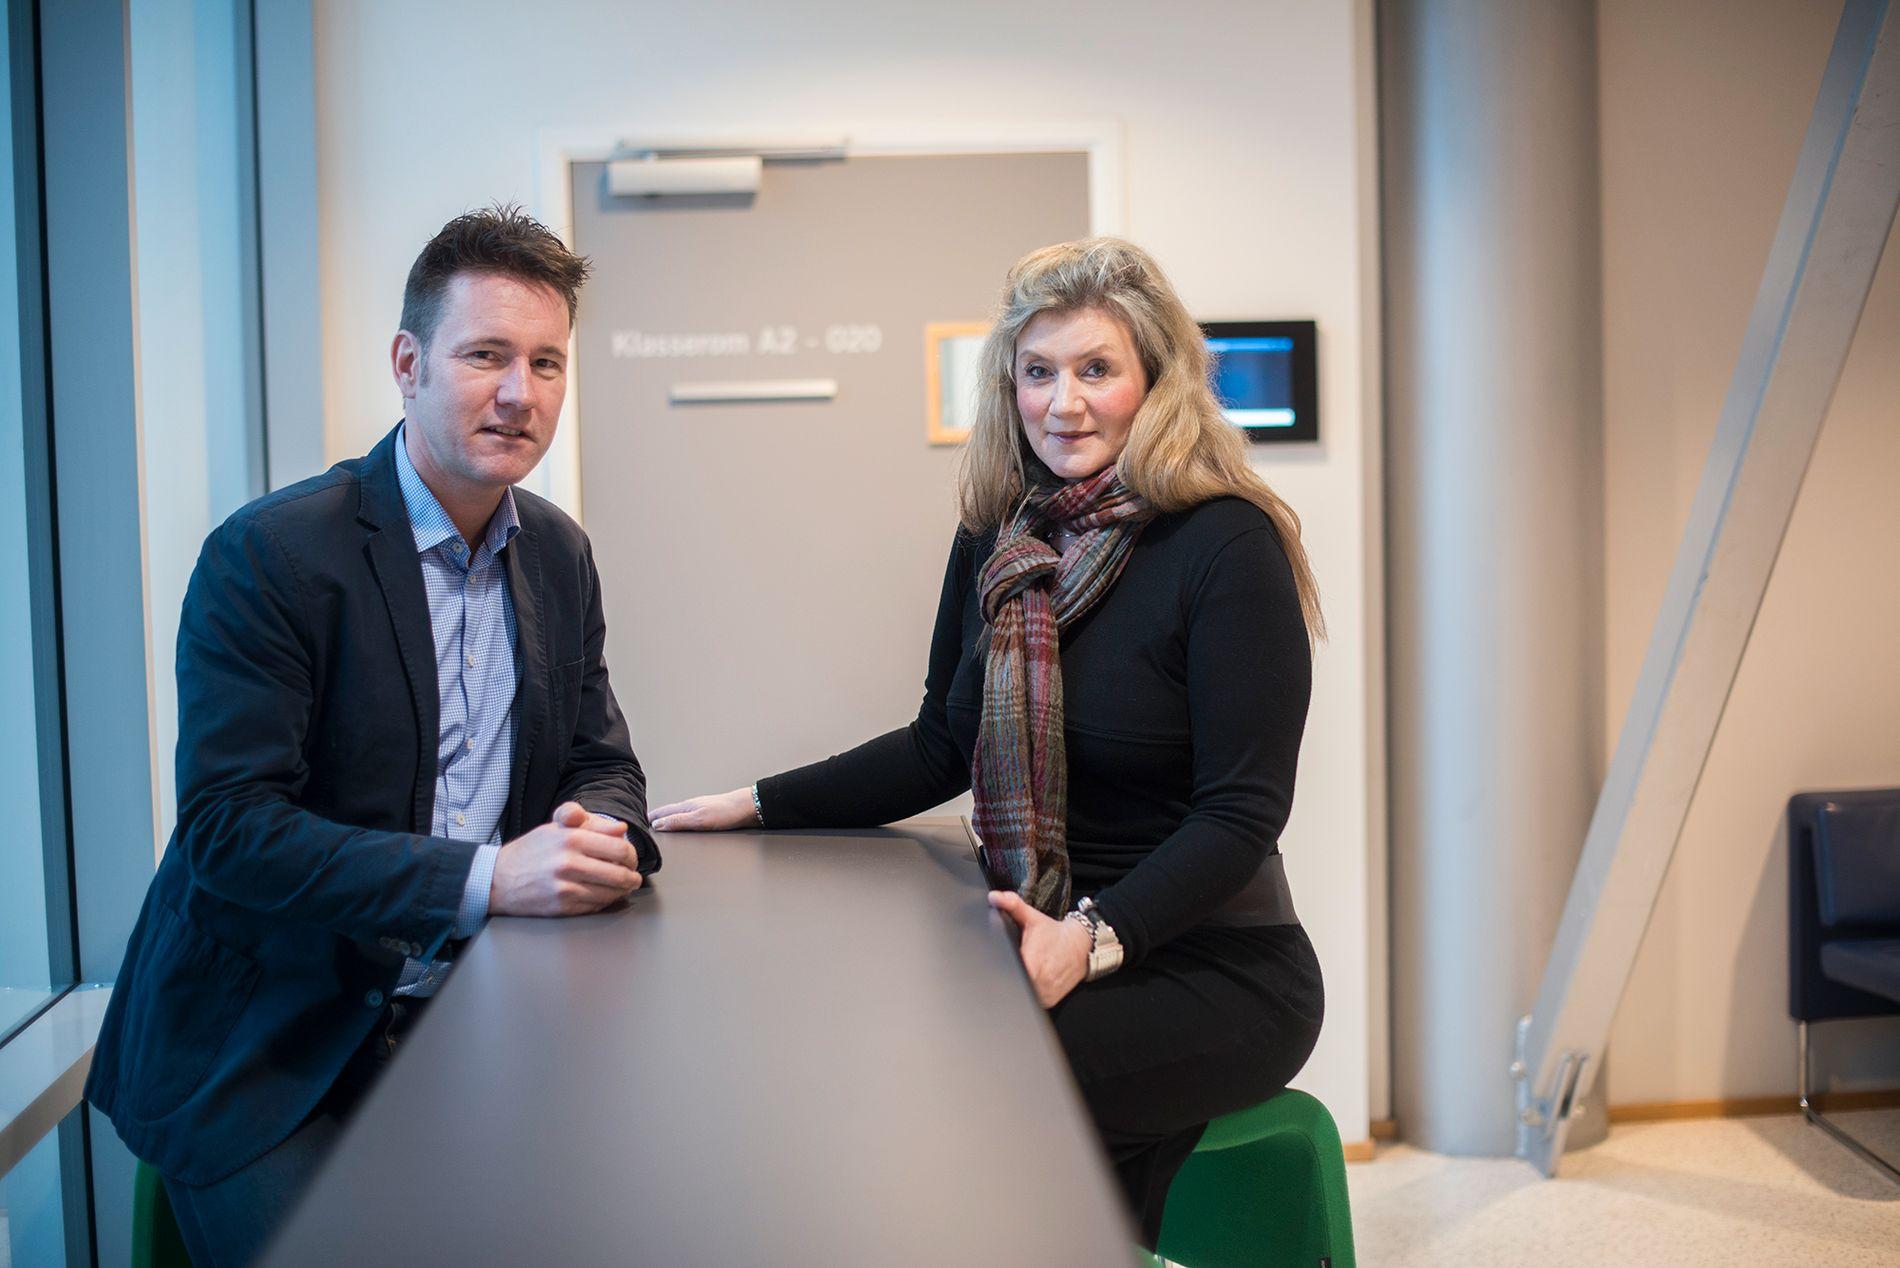 Førsteamanuensis Hallvard Føllesdal og høyskolelektor Kathrine Johannesen ved institutt for ledelse og organisasjon på BI.